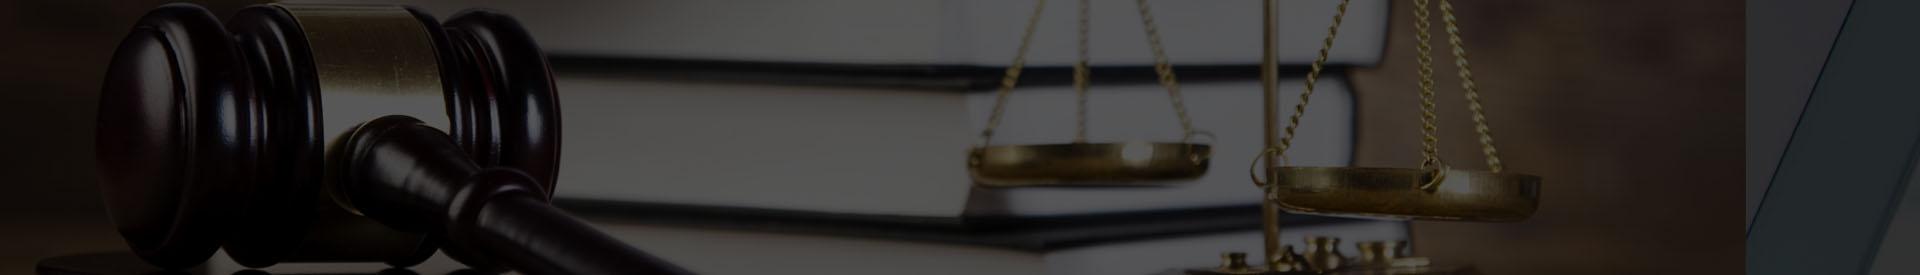 jurist-slider-1234